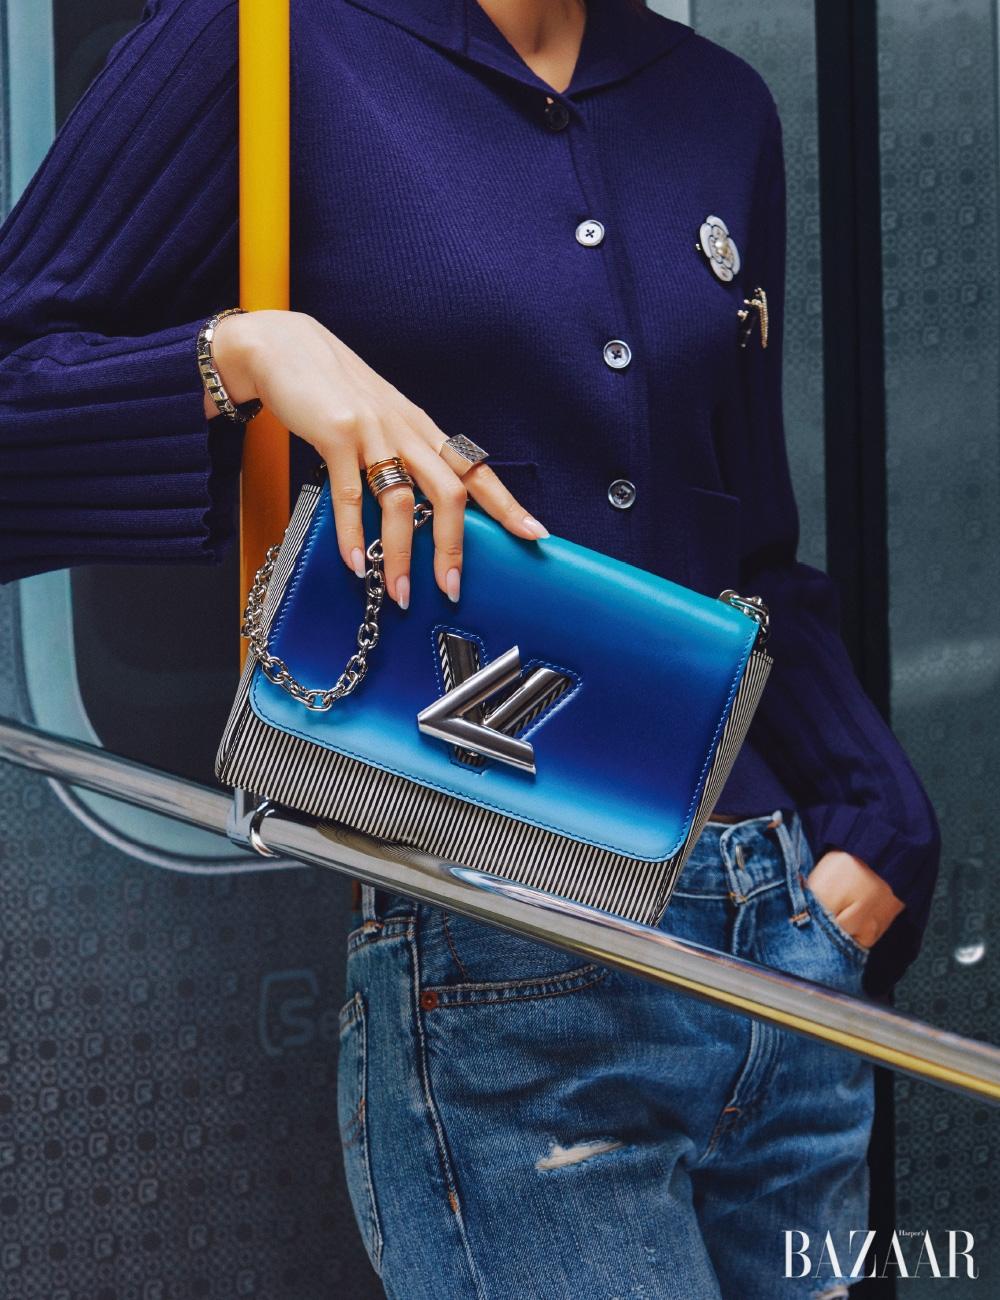 카디건은 29만8천원 Eenk, 청바지는 가격 미정Polo Ralph Lauren, 브로치는 모두 가격 미정 Chanel, 팔찌, 체인 백은 모두 가격 미정Louis Vuitton, 검지에 낀 반지는 가격 미정 Celine, 약지에 낀 반지는 32만9천원 Portrait Report.